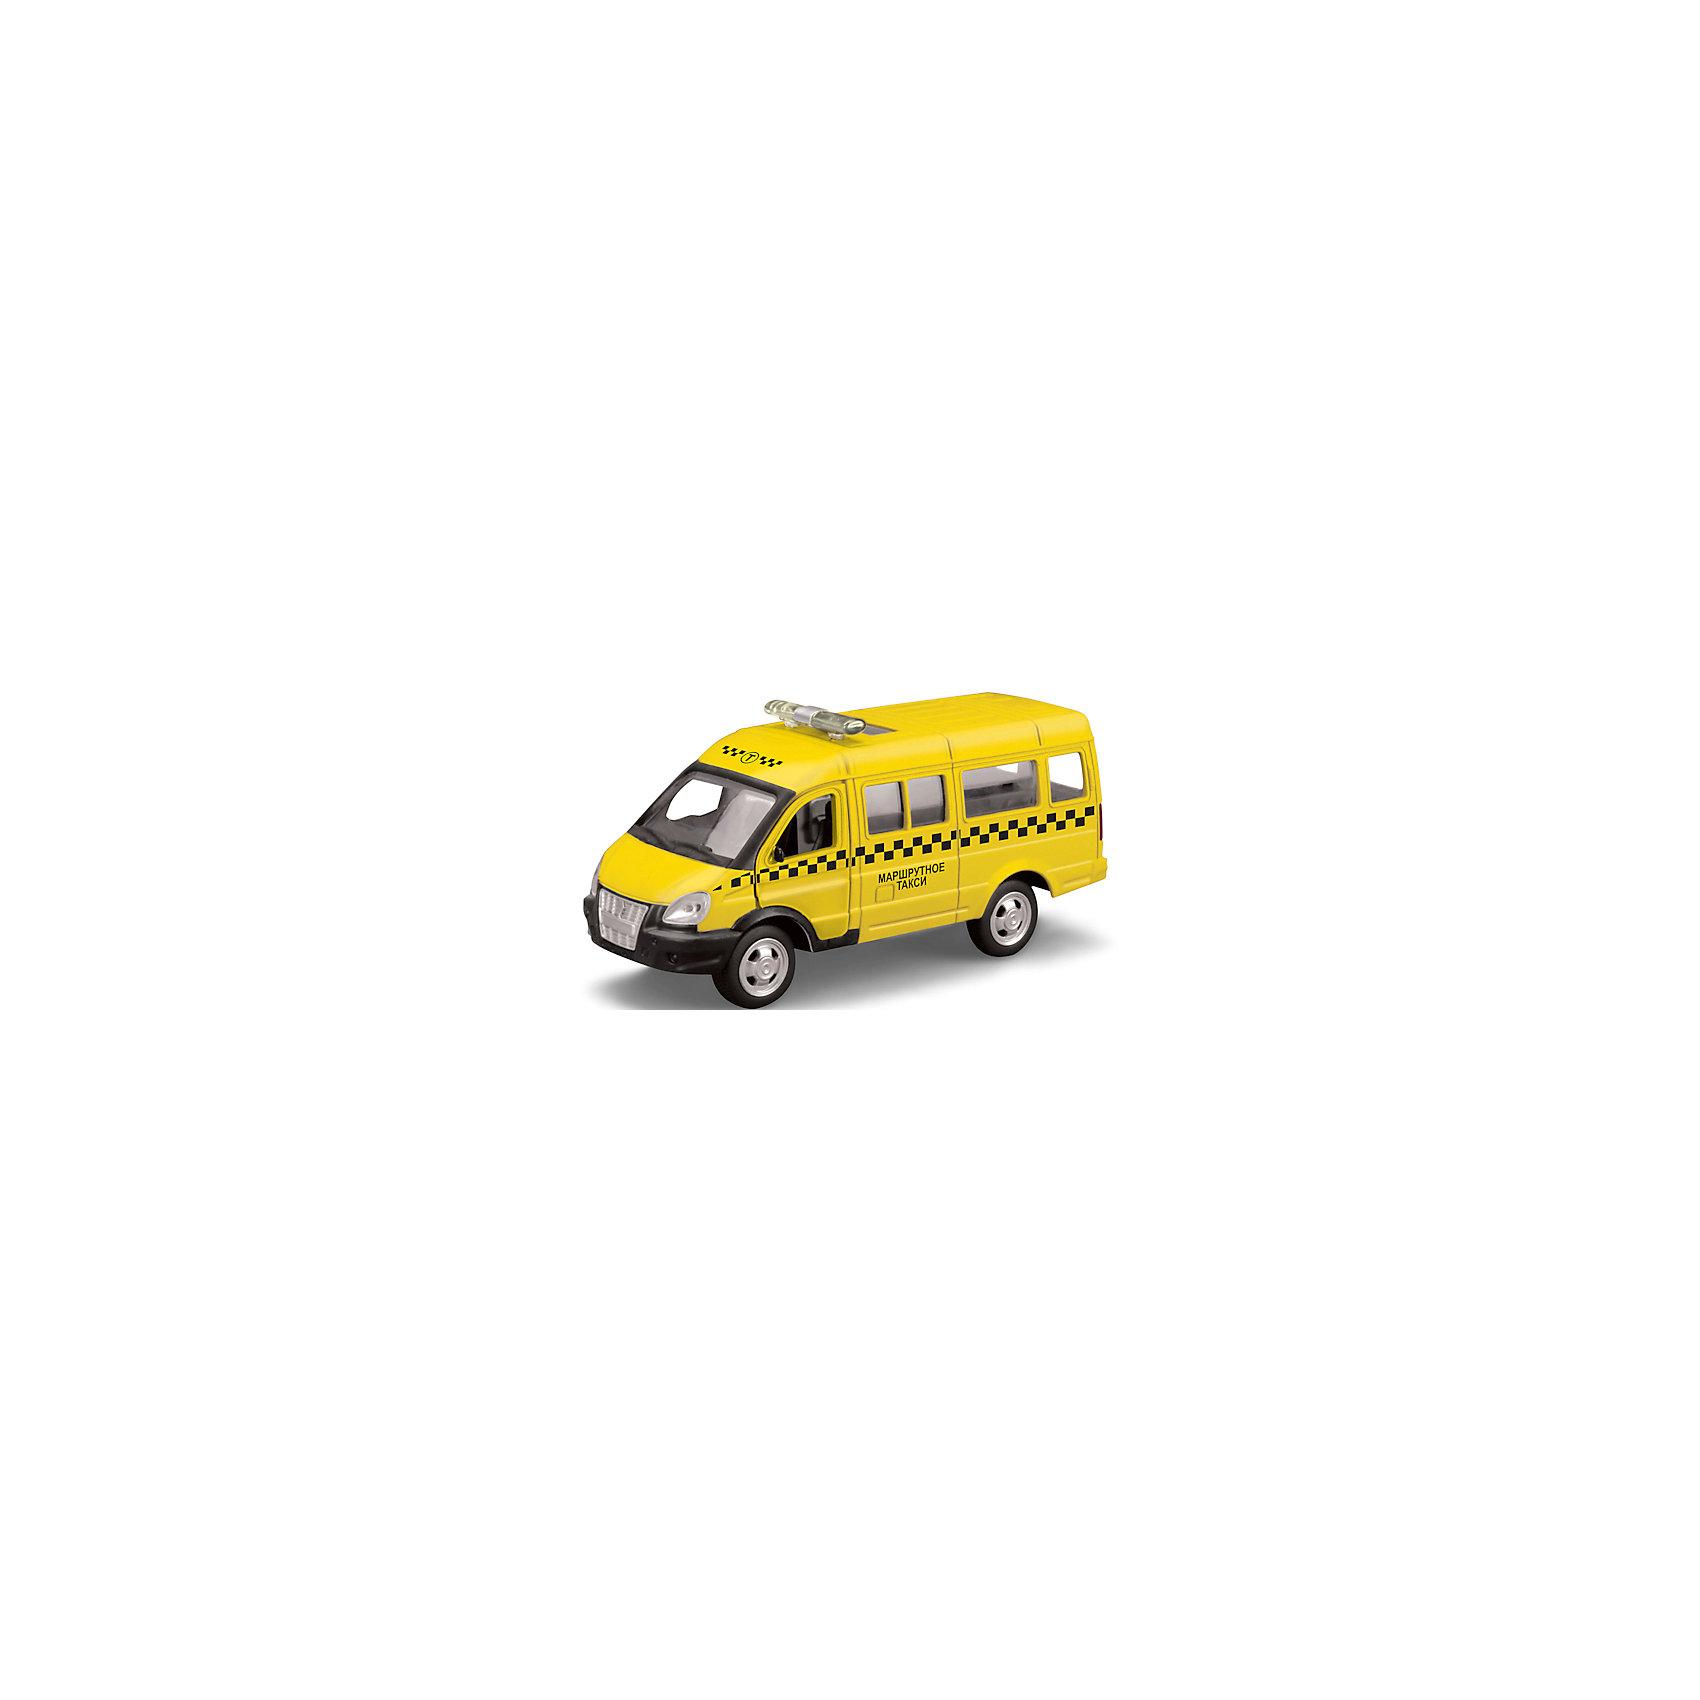 Машина Газель Такси, открыв.двери, инерц., ТЕХНОПАРКМашина Газель Такси, открыв.двери, инерц., ТЕХНОПАРК.<br><br>Характеристики:<br><br>- Масштаб: 1:43<br>- Размер упаковки: 23x13,5x11 см.<br>- Материал: металл, пластик<br>- Инерционный механизм.<br>- Батарейка AG13 в комплекте<br>- Цвет: желтый.<br><br>Машина Газель Такси, открыв. двери, инерц., ТЕХНОПАРК - миниатюрная копия настоящего автомобиля в масштабе 1:43. . Модель выполнена  из пластика и металла. Игрушка представляет собой модель автомобиля спецтехники «Такси» на базе автомобиле «Газель». Она выполнена из качественного и безопасного пластика. Прорезиненные колеса машинки имеют свободный ход. Модель очень реалистична – открываются двери. Игрушка оснащена инерционным ходом. Машинку необходимо отвести назад, затем отпустить - и она быстро поедет вперед. Ваш ребенок сможет придумывать и обыгрывать различные игровые сюжеты. Порадуйте своего мальчика, подарив ему такую машинку!<br><br>Машина Газель Такси, открыв.двери, инерц., ТЕХНОПАРК можно купить в нашем интернет - магазине.<br><br>Ширина мм: 150<br>Глубина мм: 60<br>Высота мм: 130<br>Вес г: 200<br>Возраст от месяцев: 36<br>Возраст до месяцев: 120<br>Пол: Мужской<br>Возраст: Детский<br>SKU: 4763401